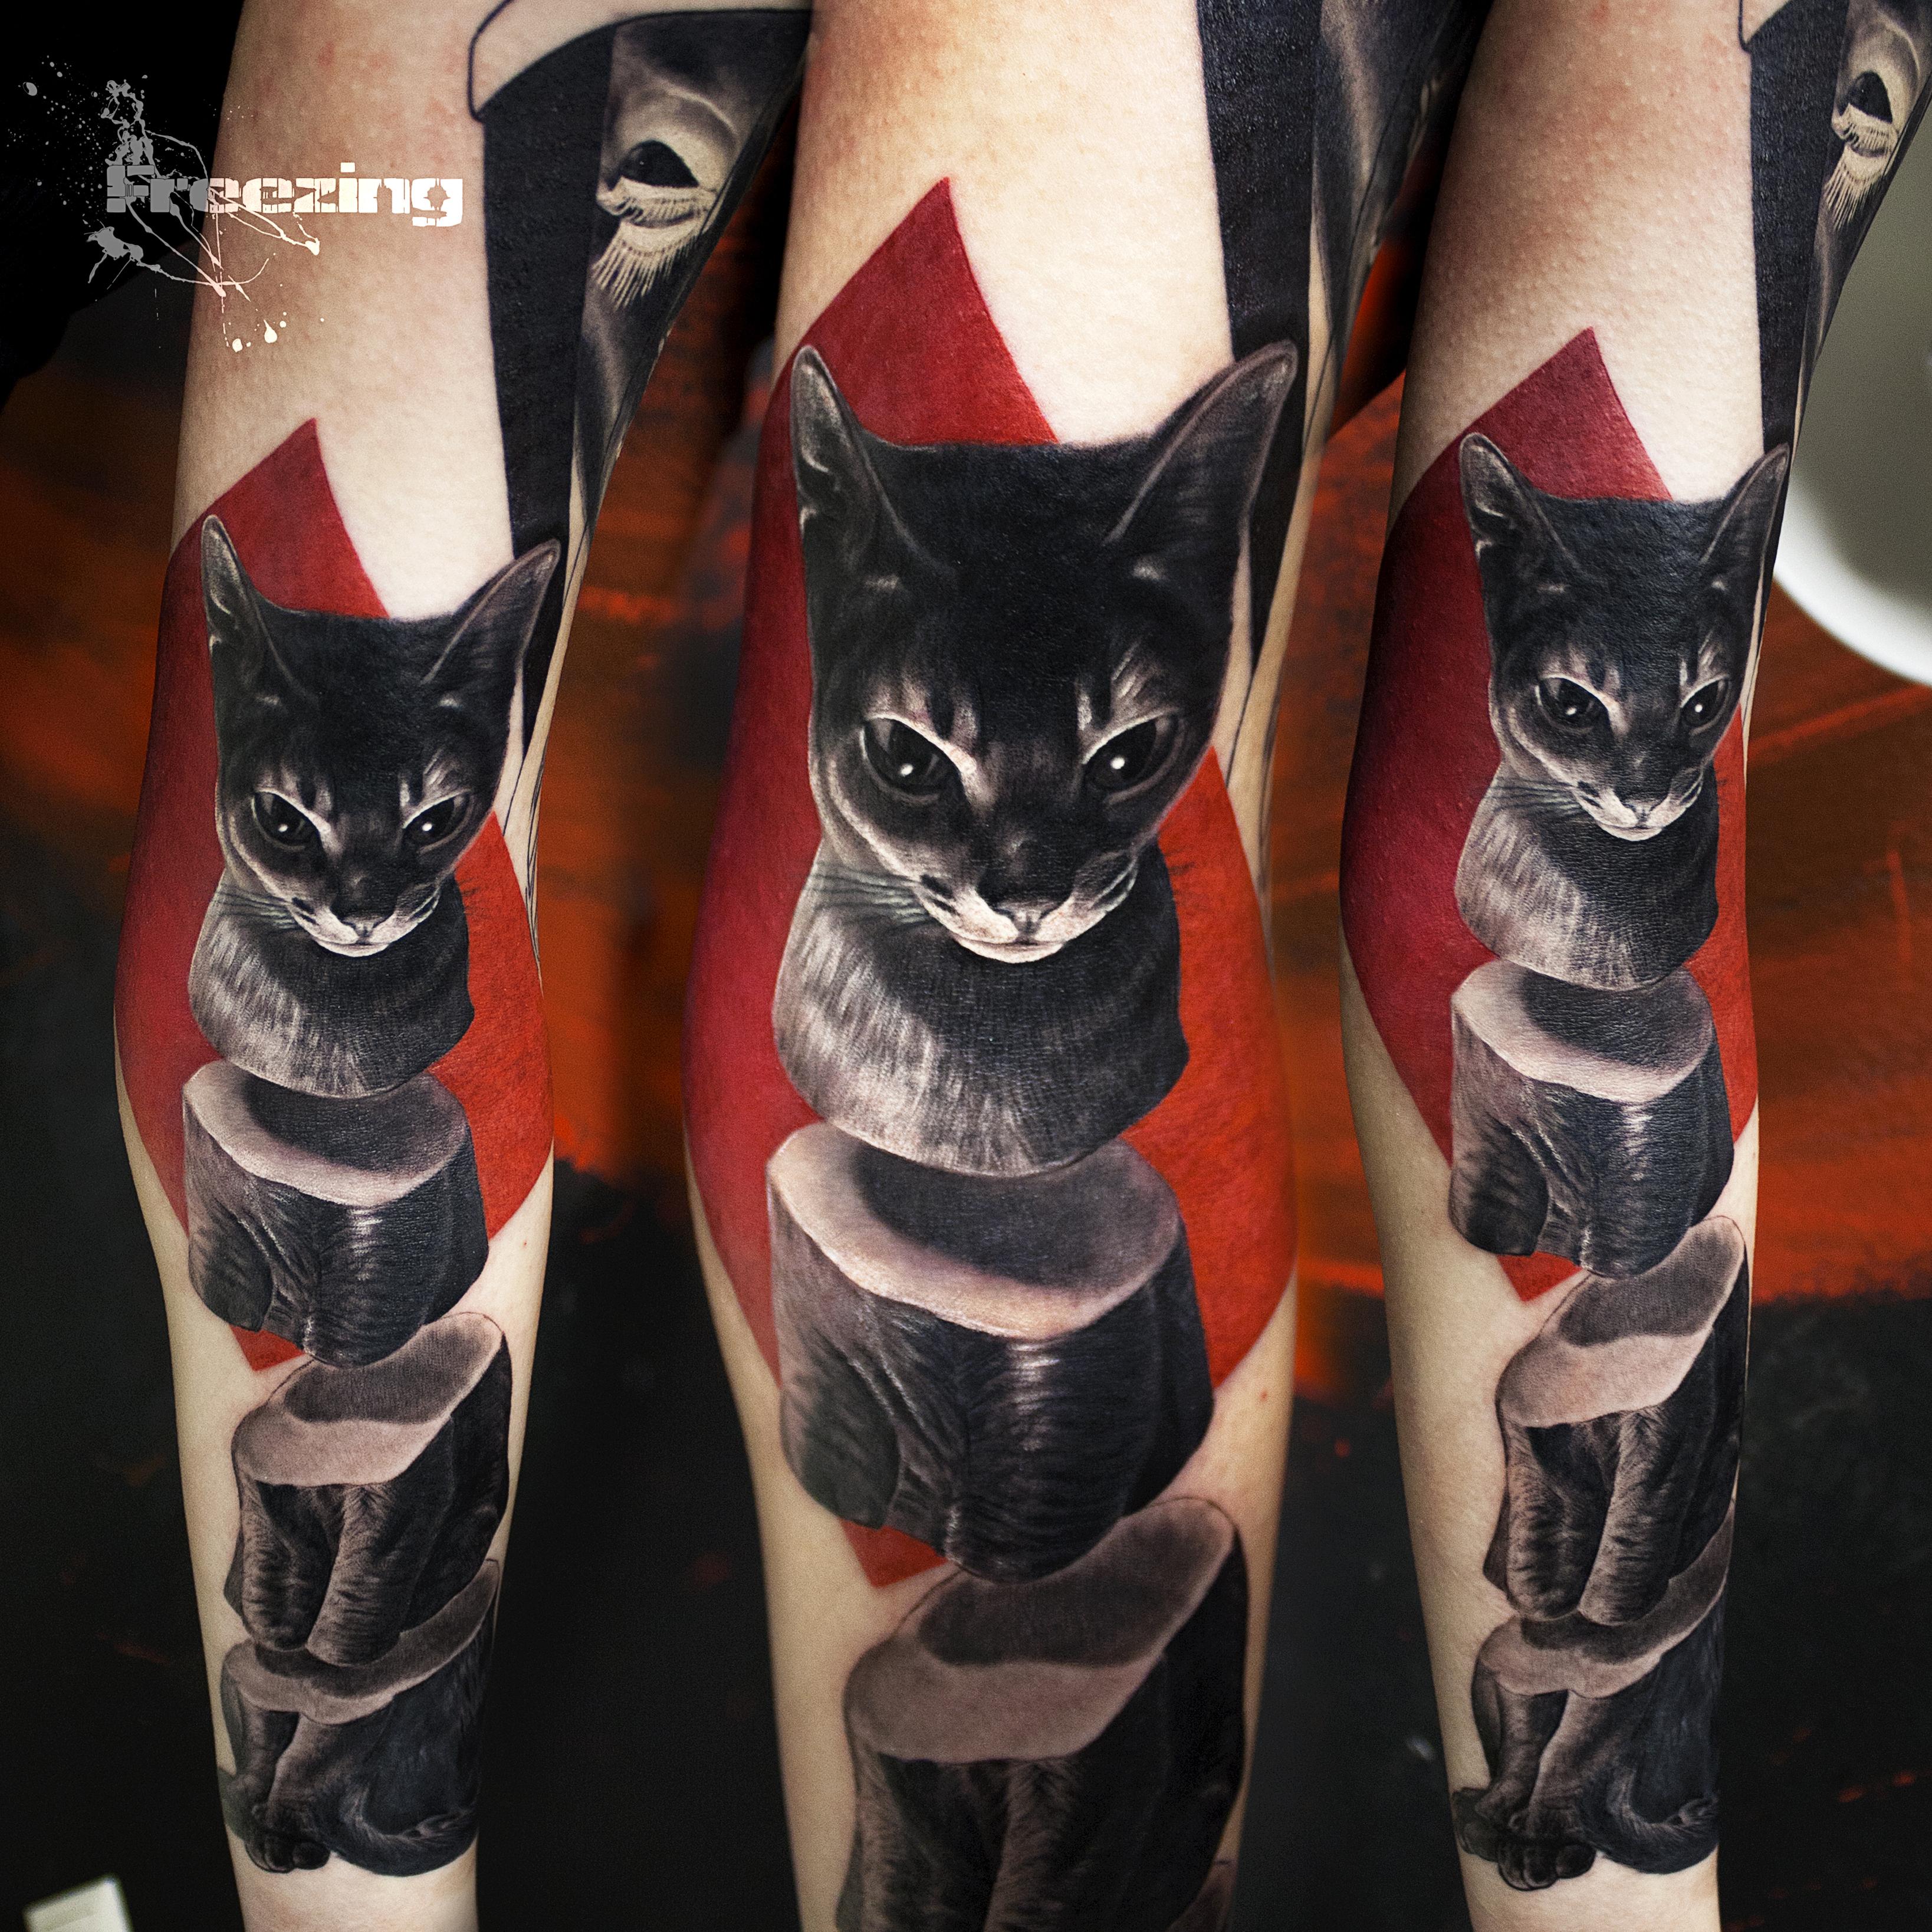 Cat by freezingtattoo - Trash Polka Tattoo Art